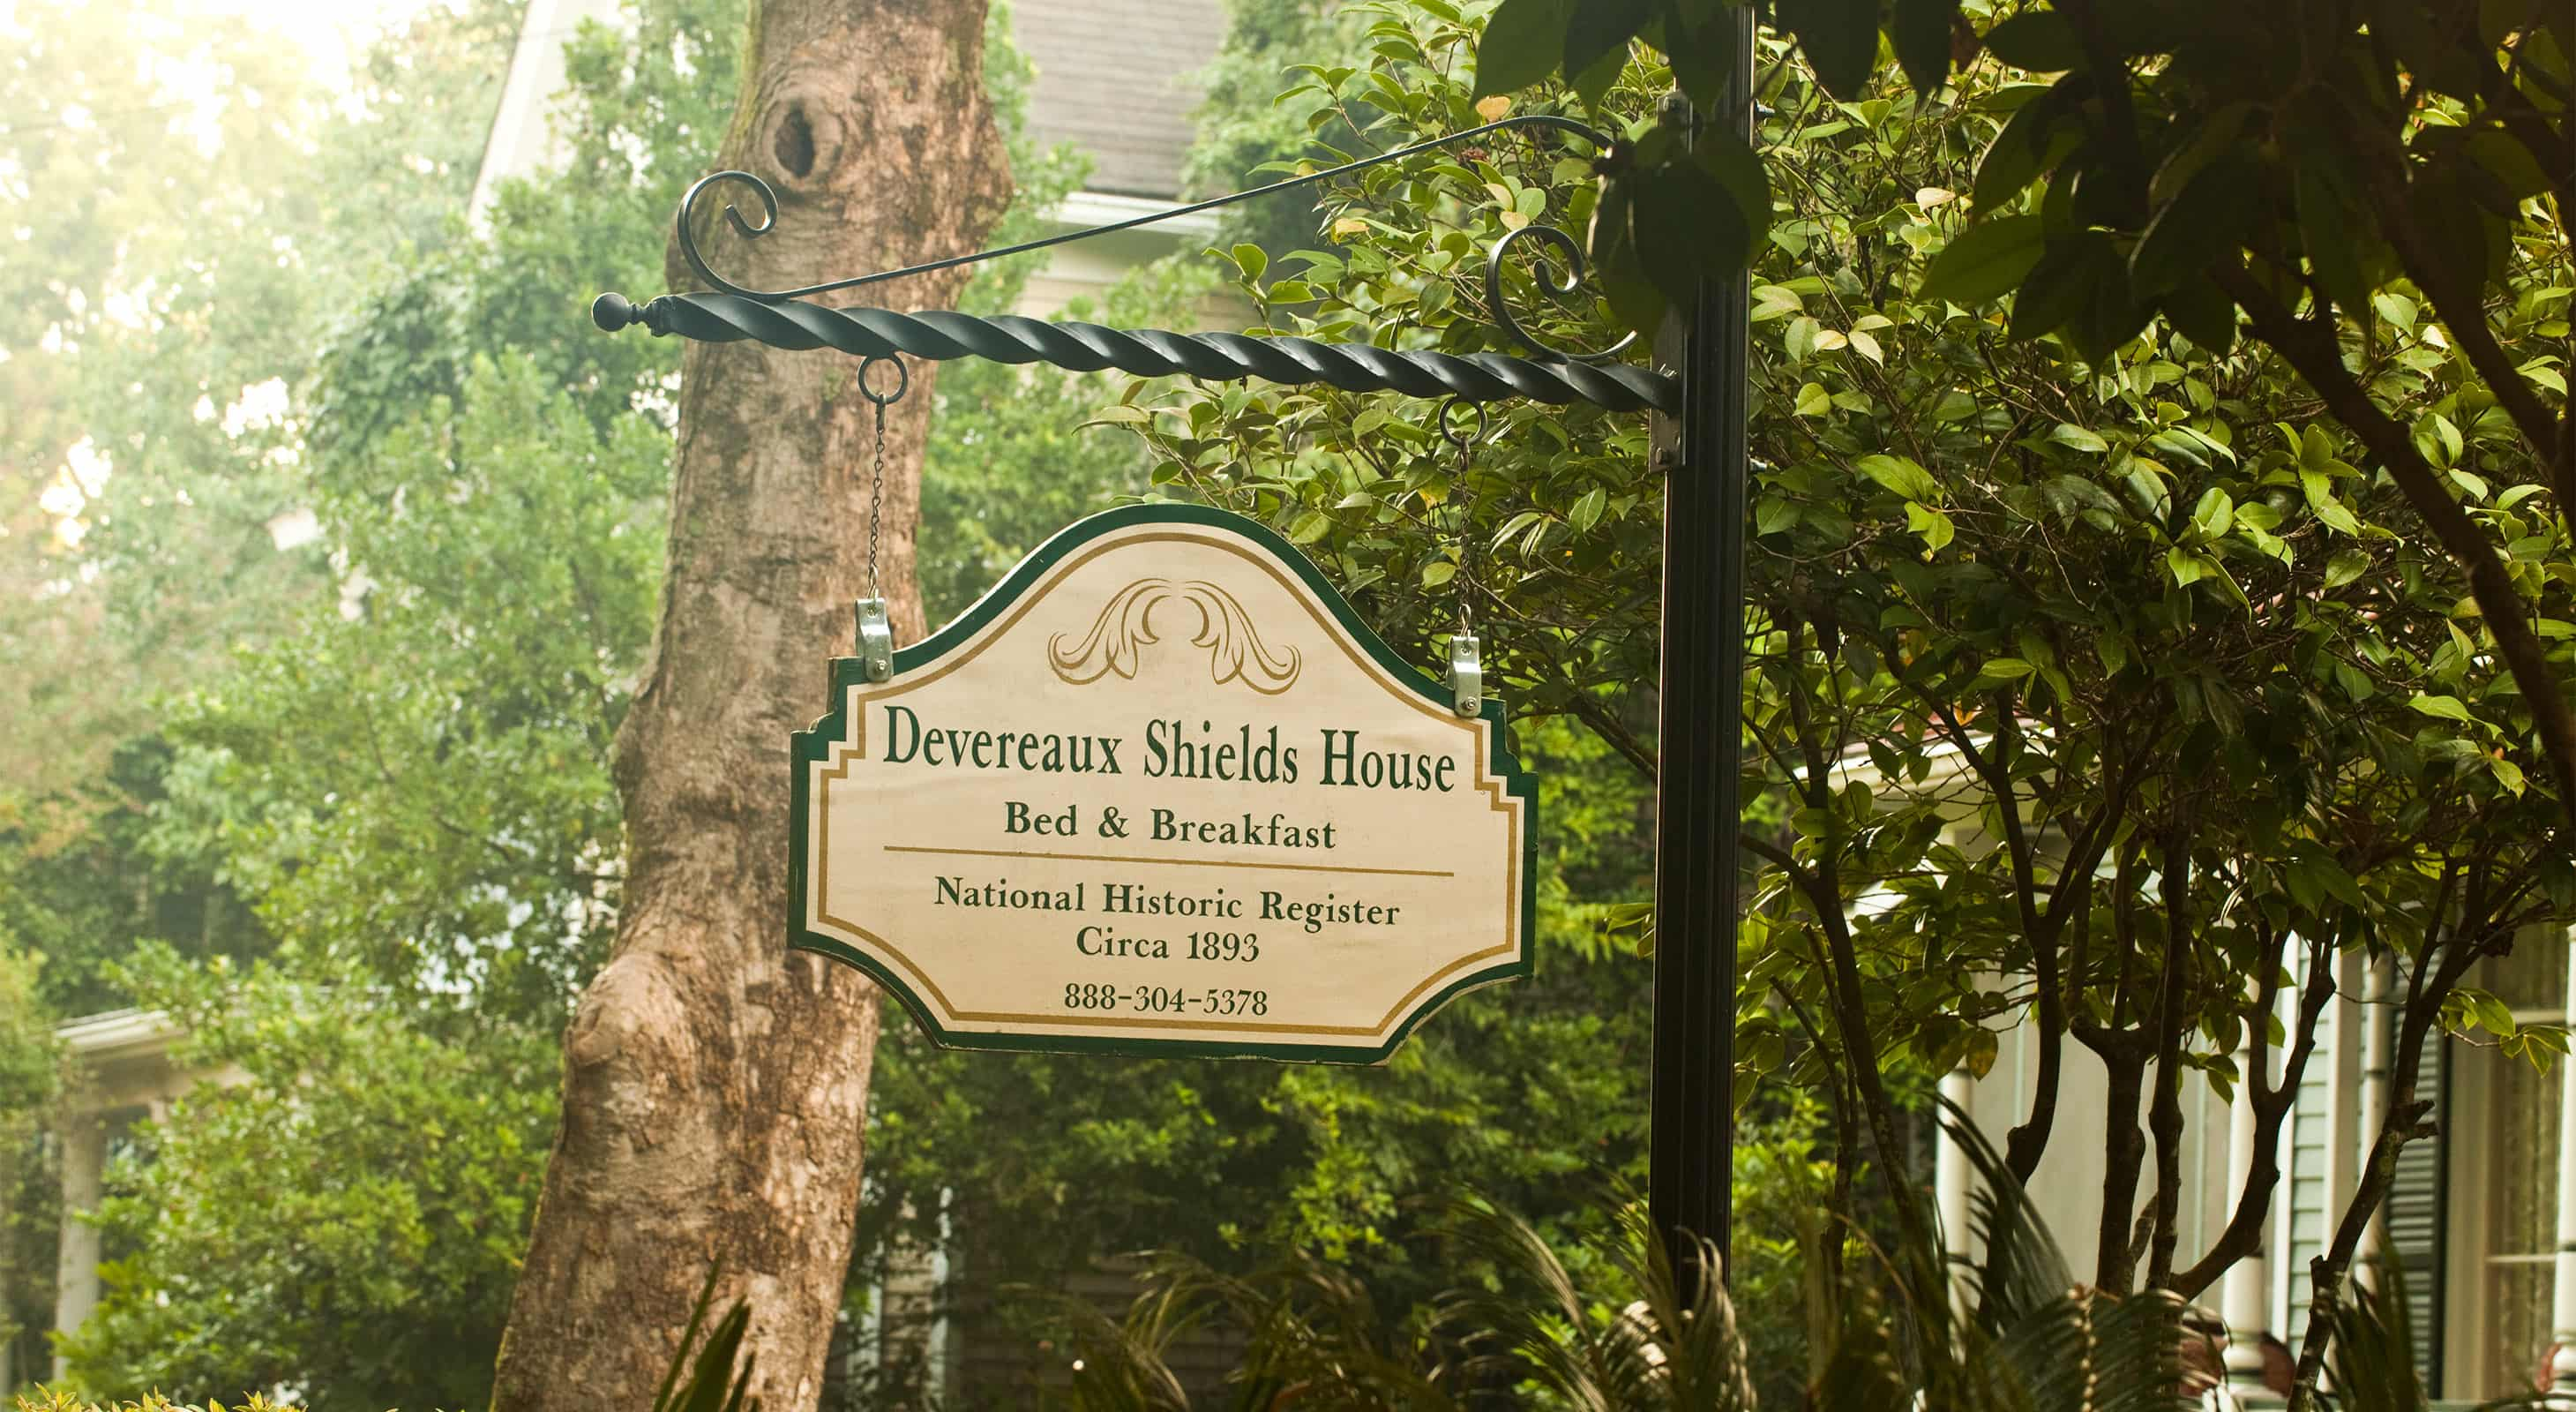 Devereaux Shields House Sign